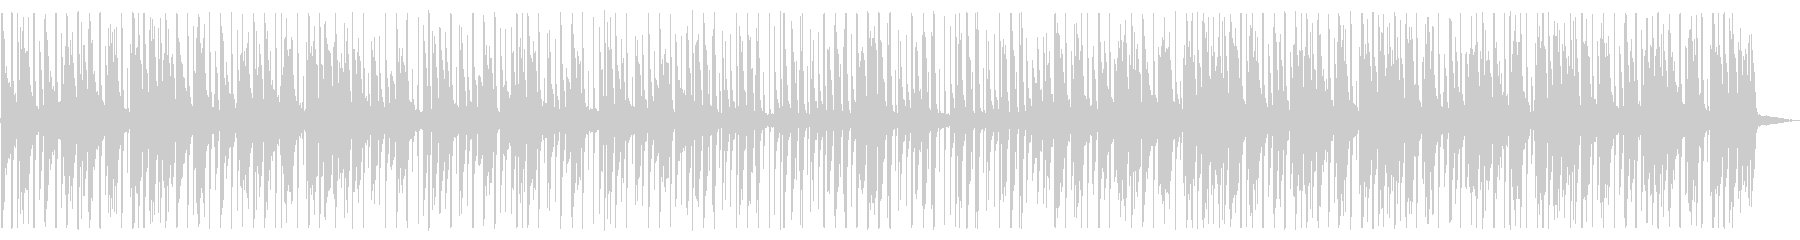 都会/ヒップホップ_No453_2の未再生の波形